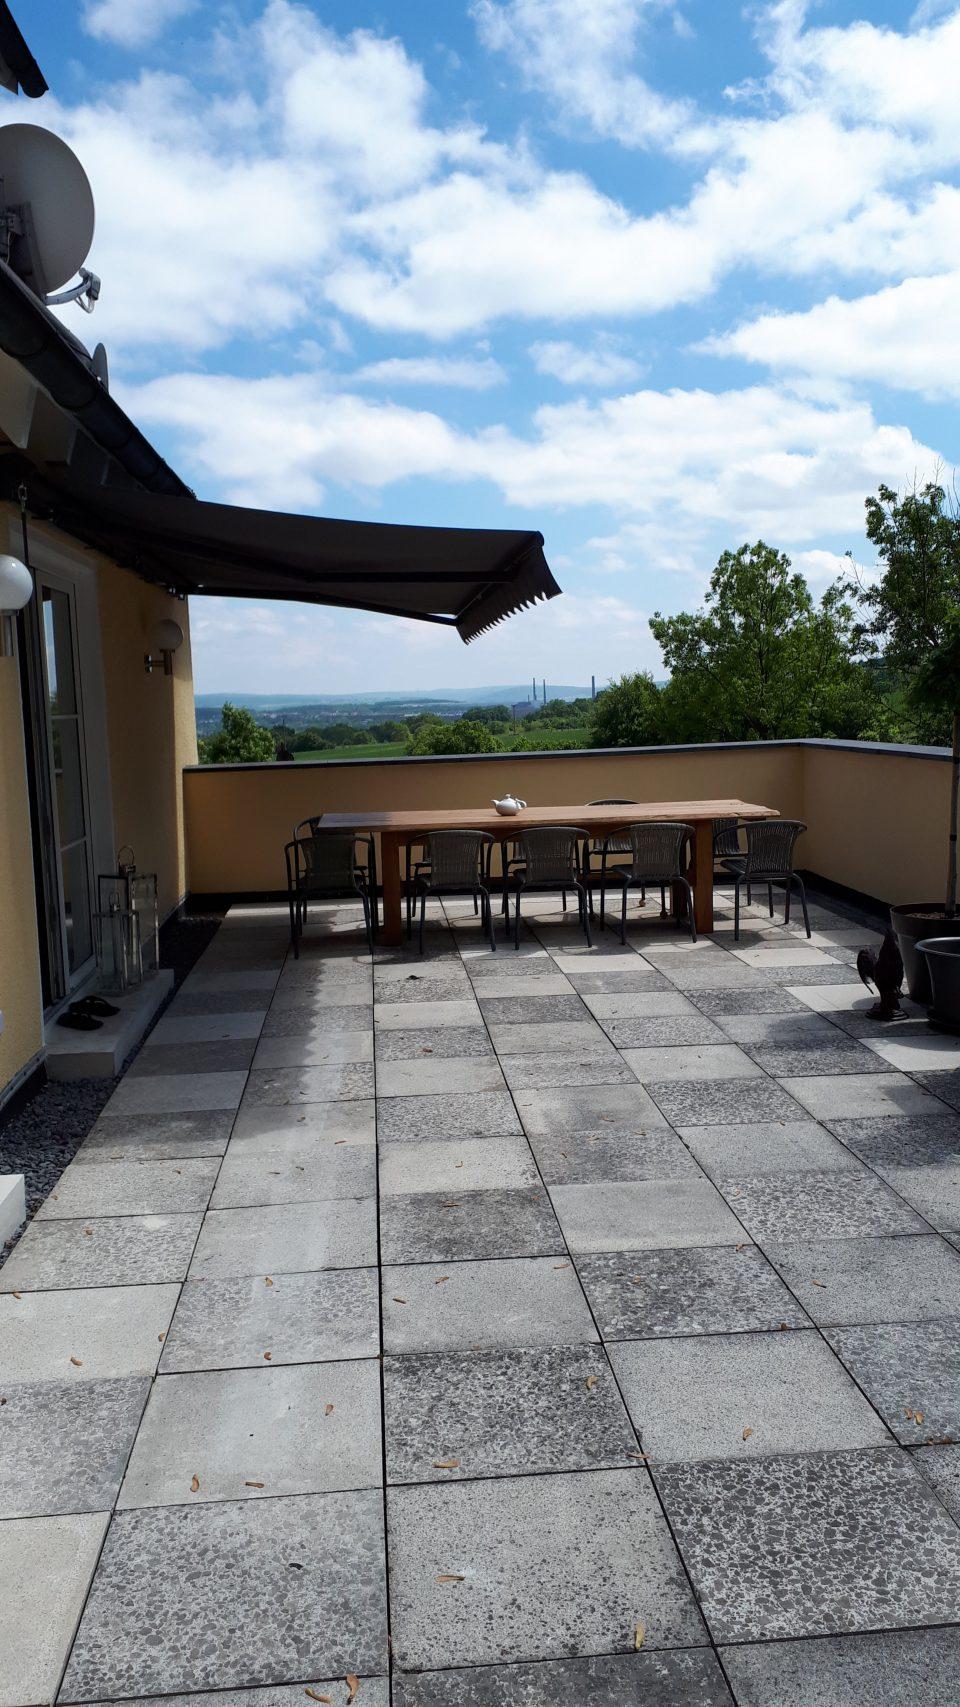 Die breite Markise dient als Sonnenschutz der Terrasse